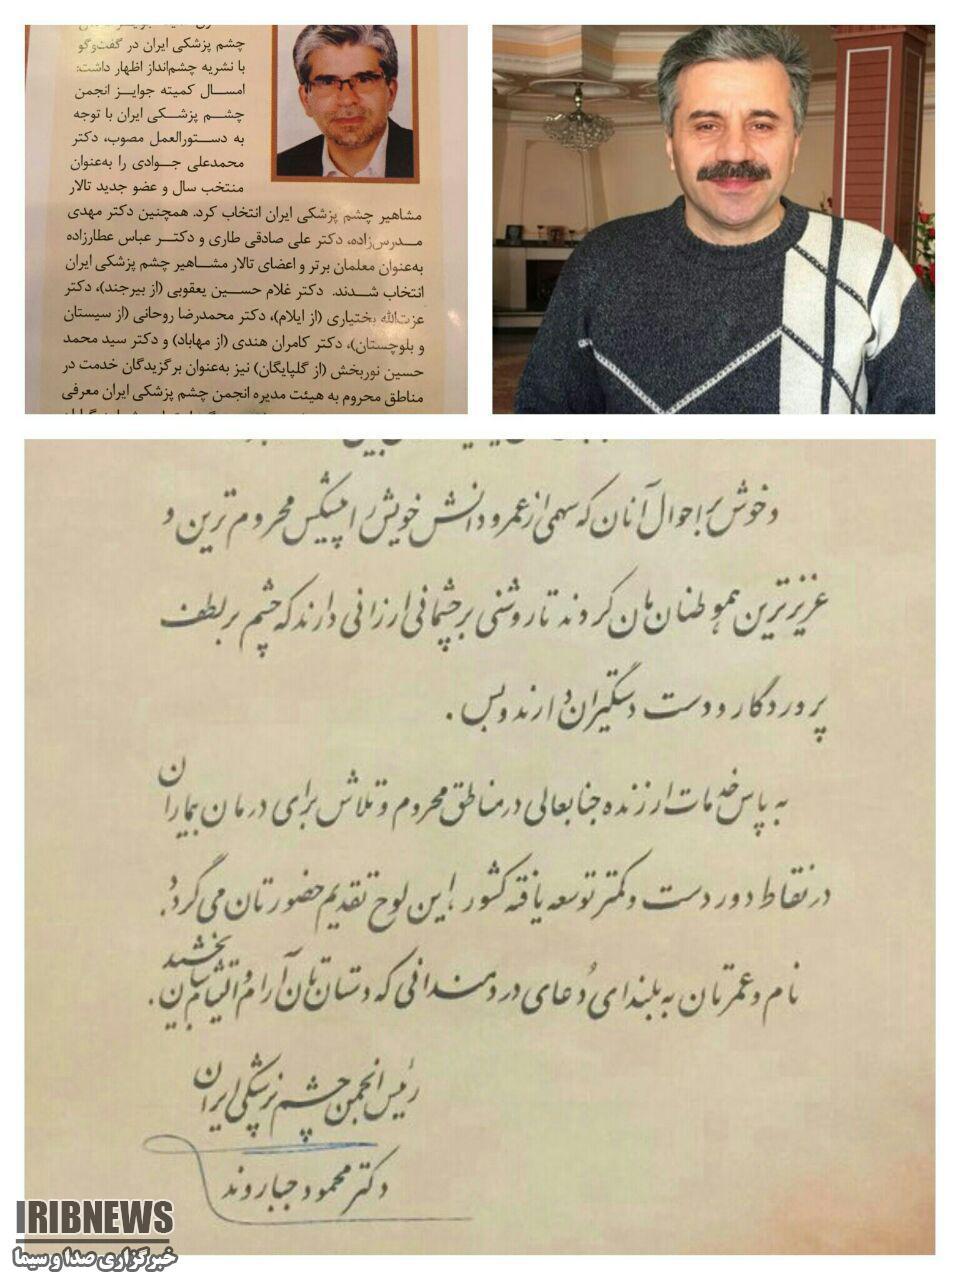 پزشک مهابادی یکی از برترین های چشم پزشکی کشور